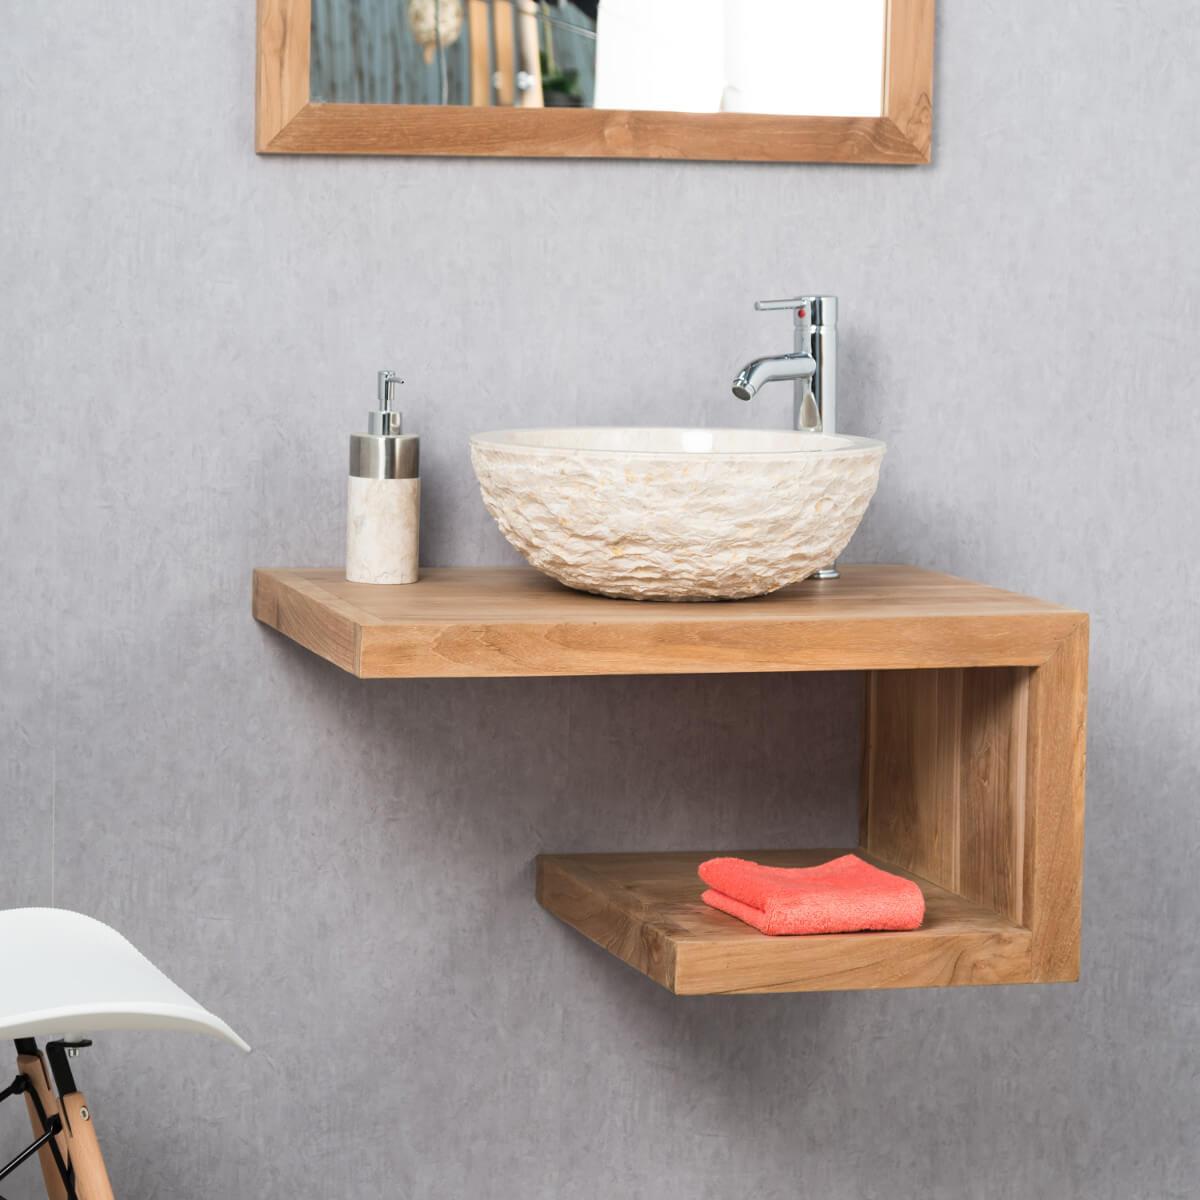 Meuble sous vasque simple vasque en bois teck massif pure rectangle naturel l 70 cm - Etabli salle de bain ...